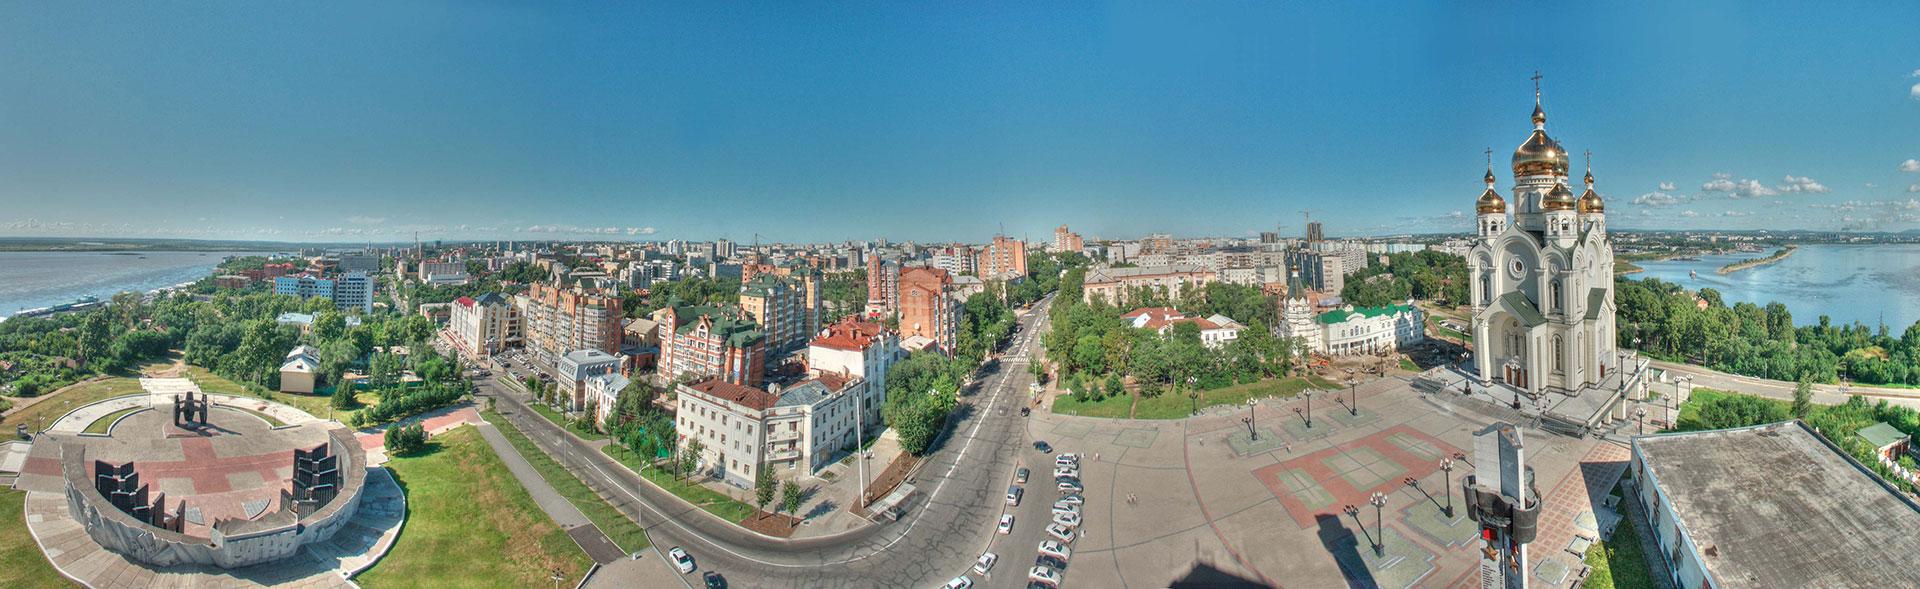 Принимаем заявки на индексы и цены по Хабаровскому краю<br>в формате ПК ГРАНД-Смета на 2021 год